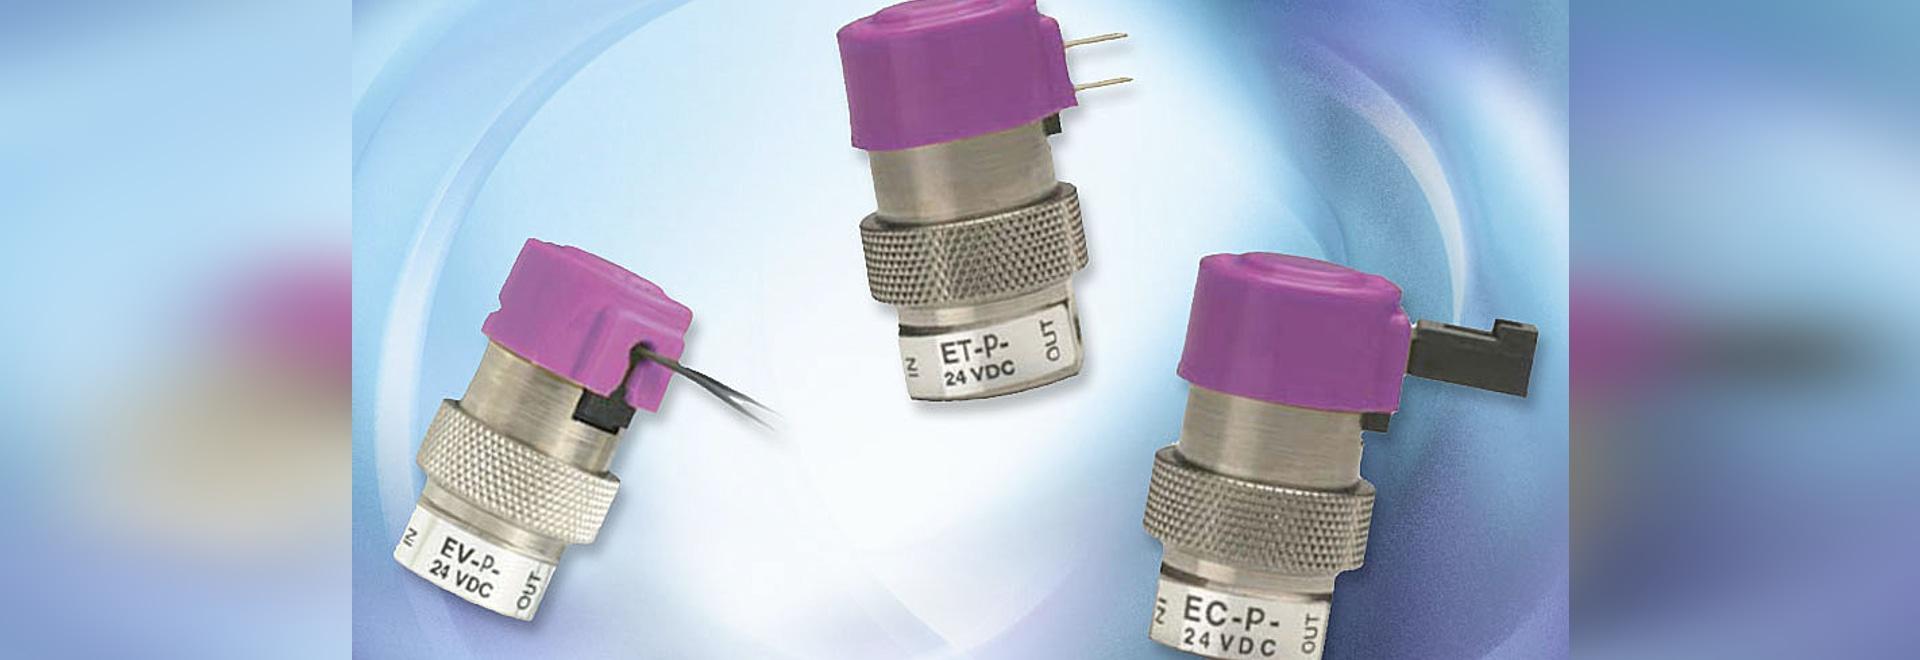 La serie EVP de válvulas de control proporcional Clippard